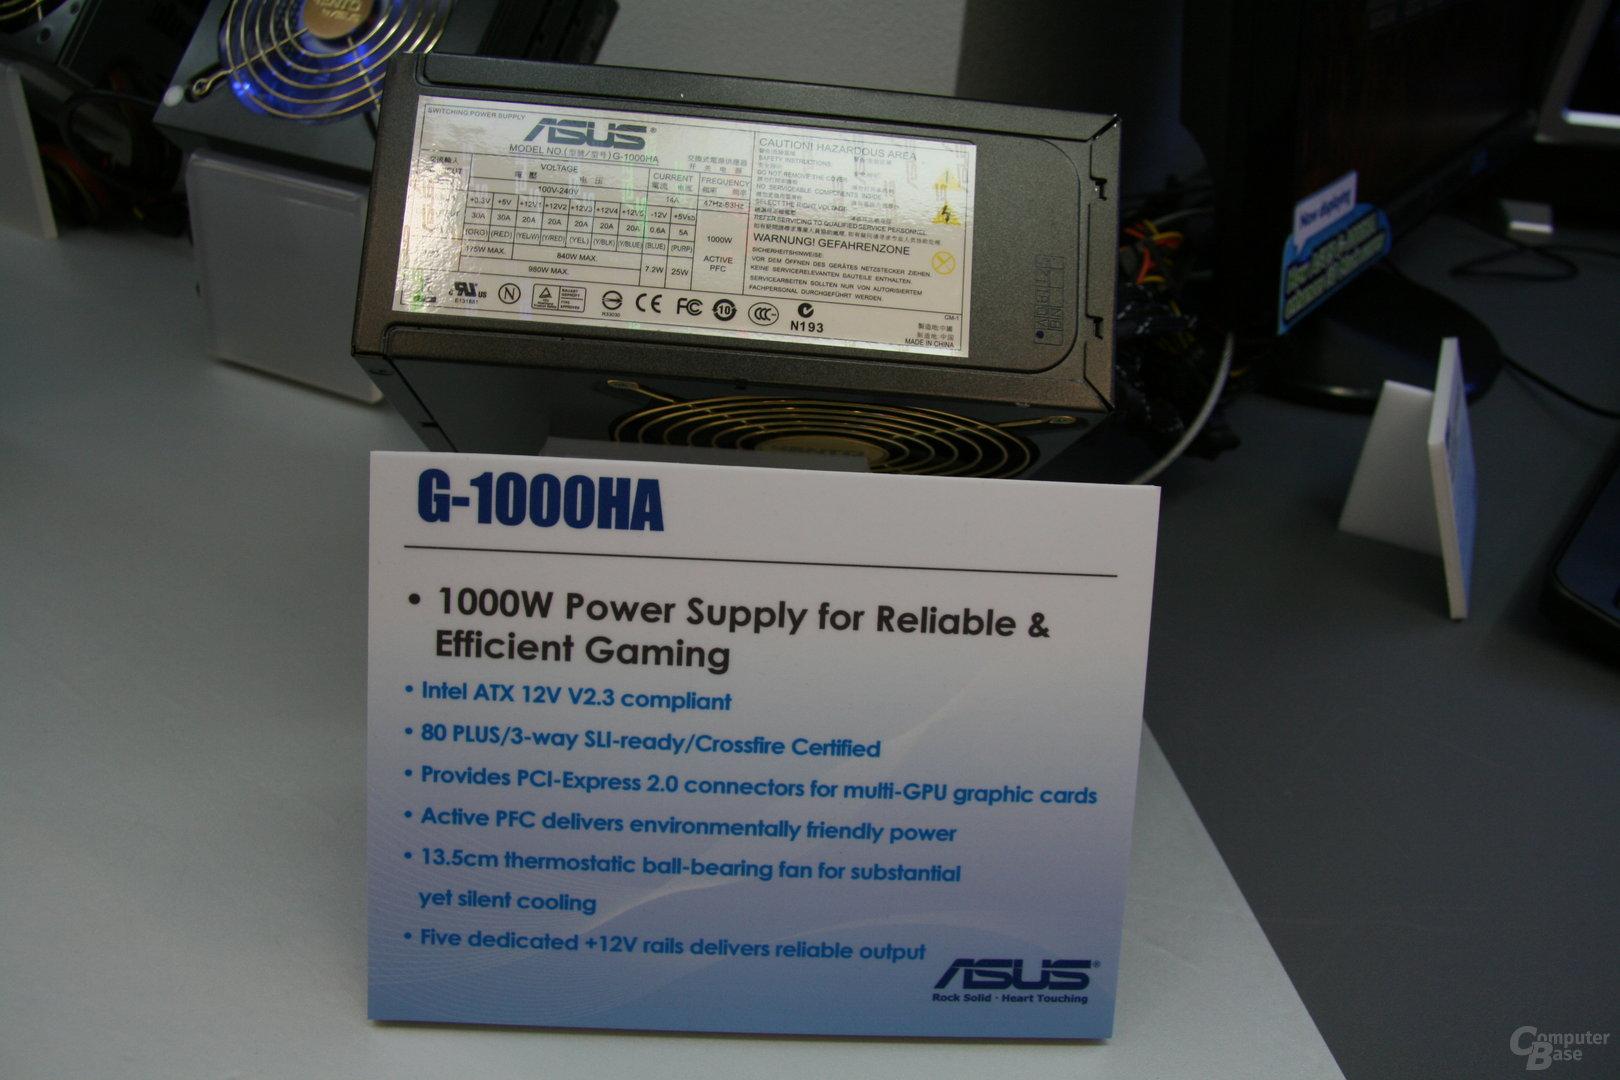 Asus G-1000HA